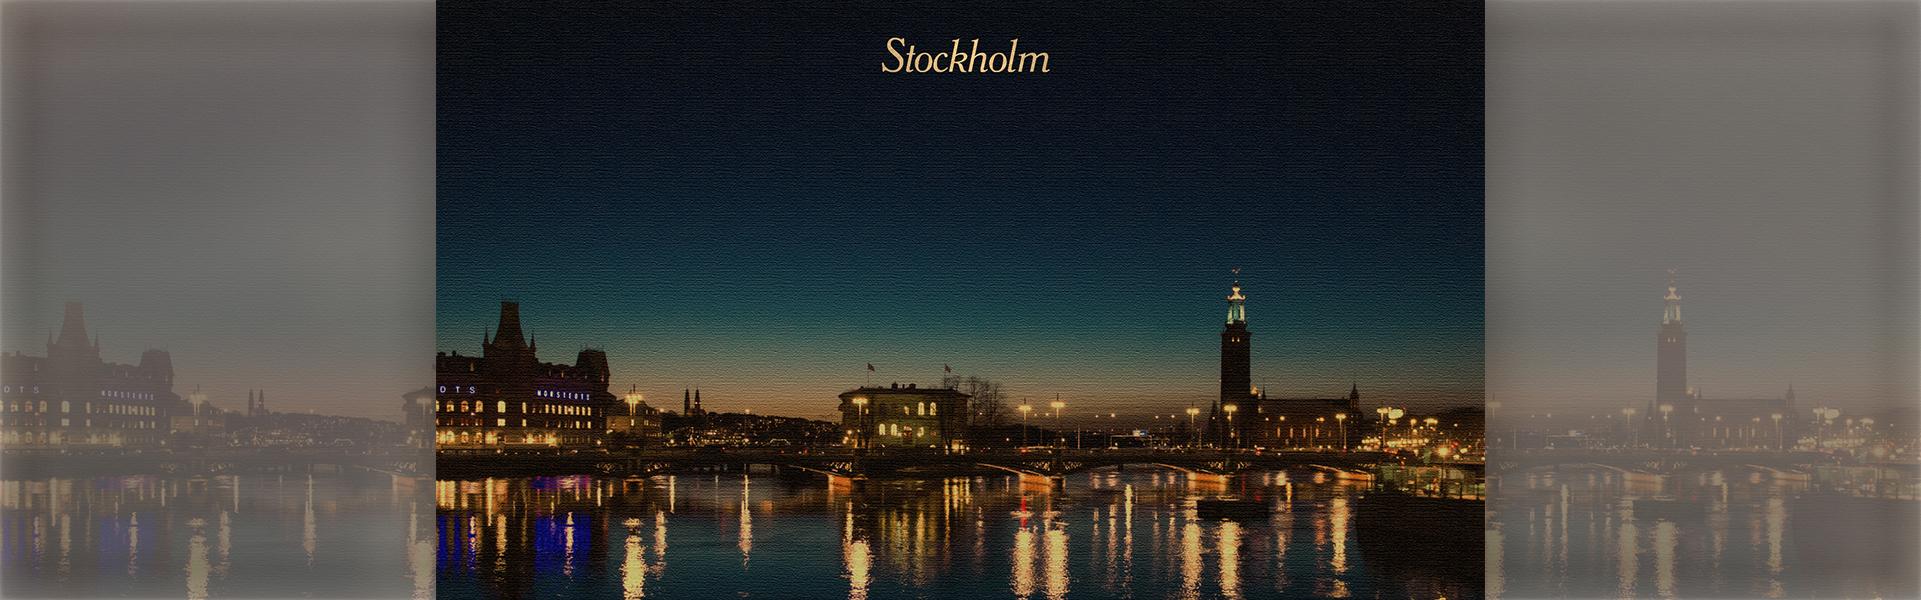 Stockholm 10 слайдер 2